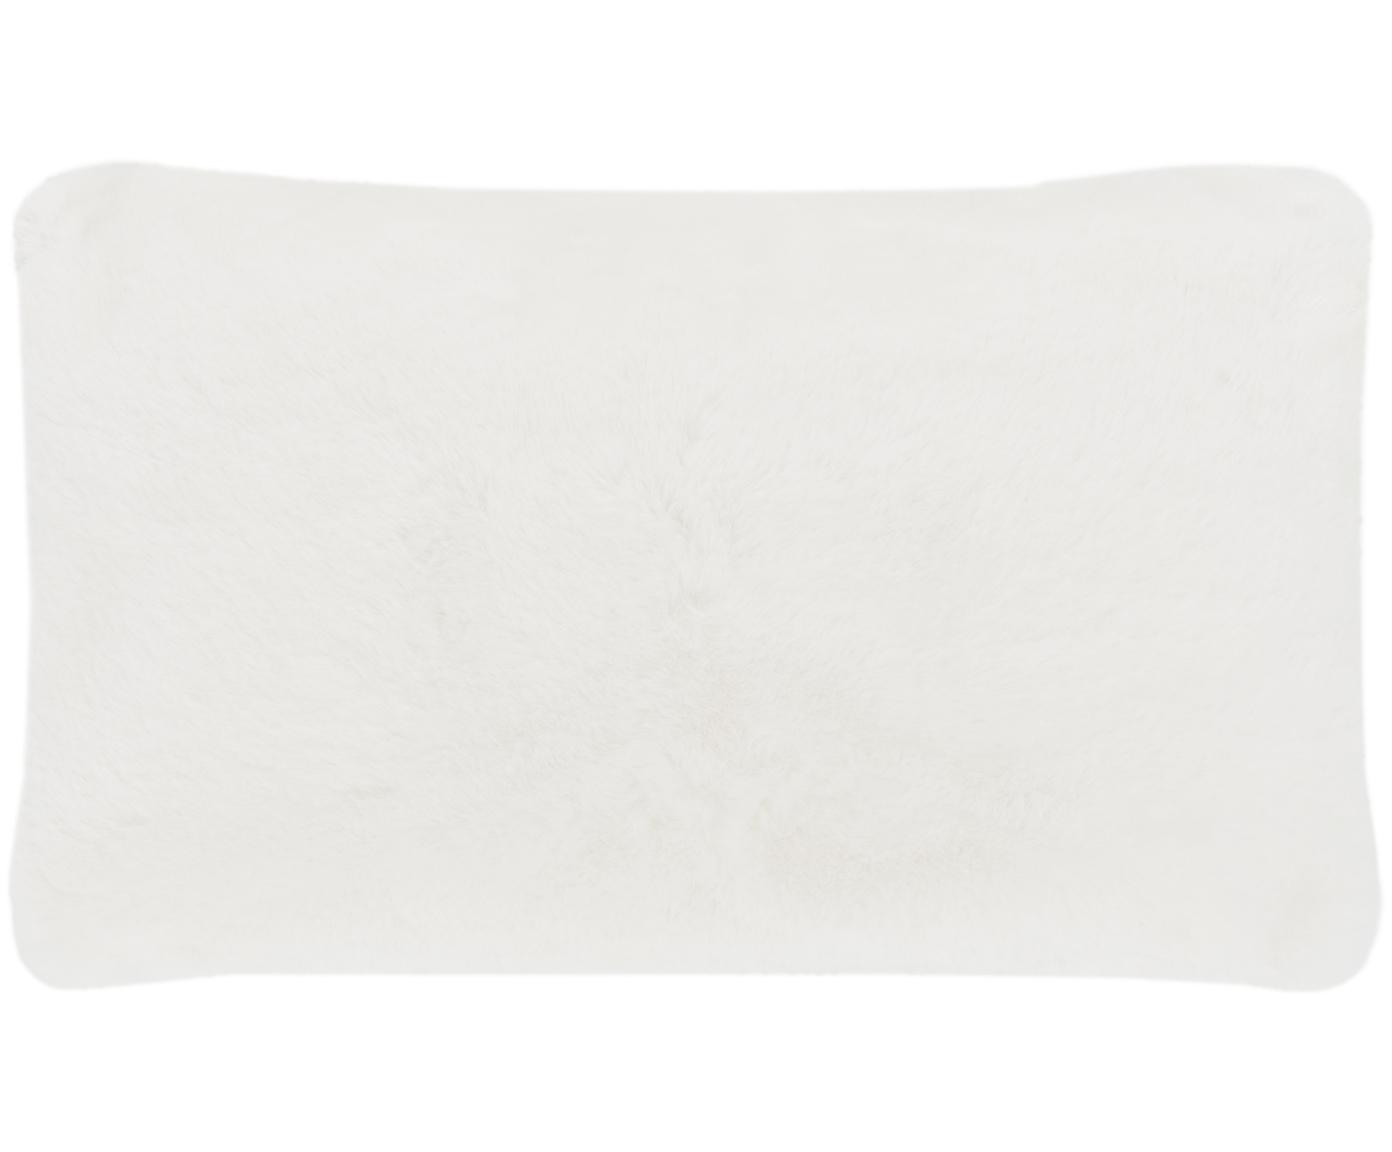 Sehr flauschige Kunstfell-Kissenhülle Mette, glatt, Vorderseite: 100% Polyester, Rückseite: 100% Polyester, Creme, 30 x 50 cm